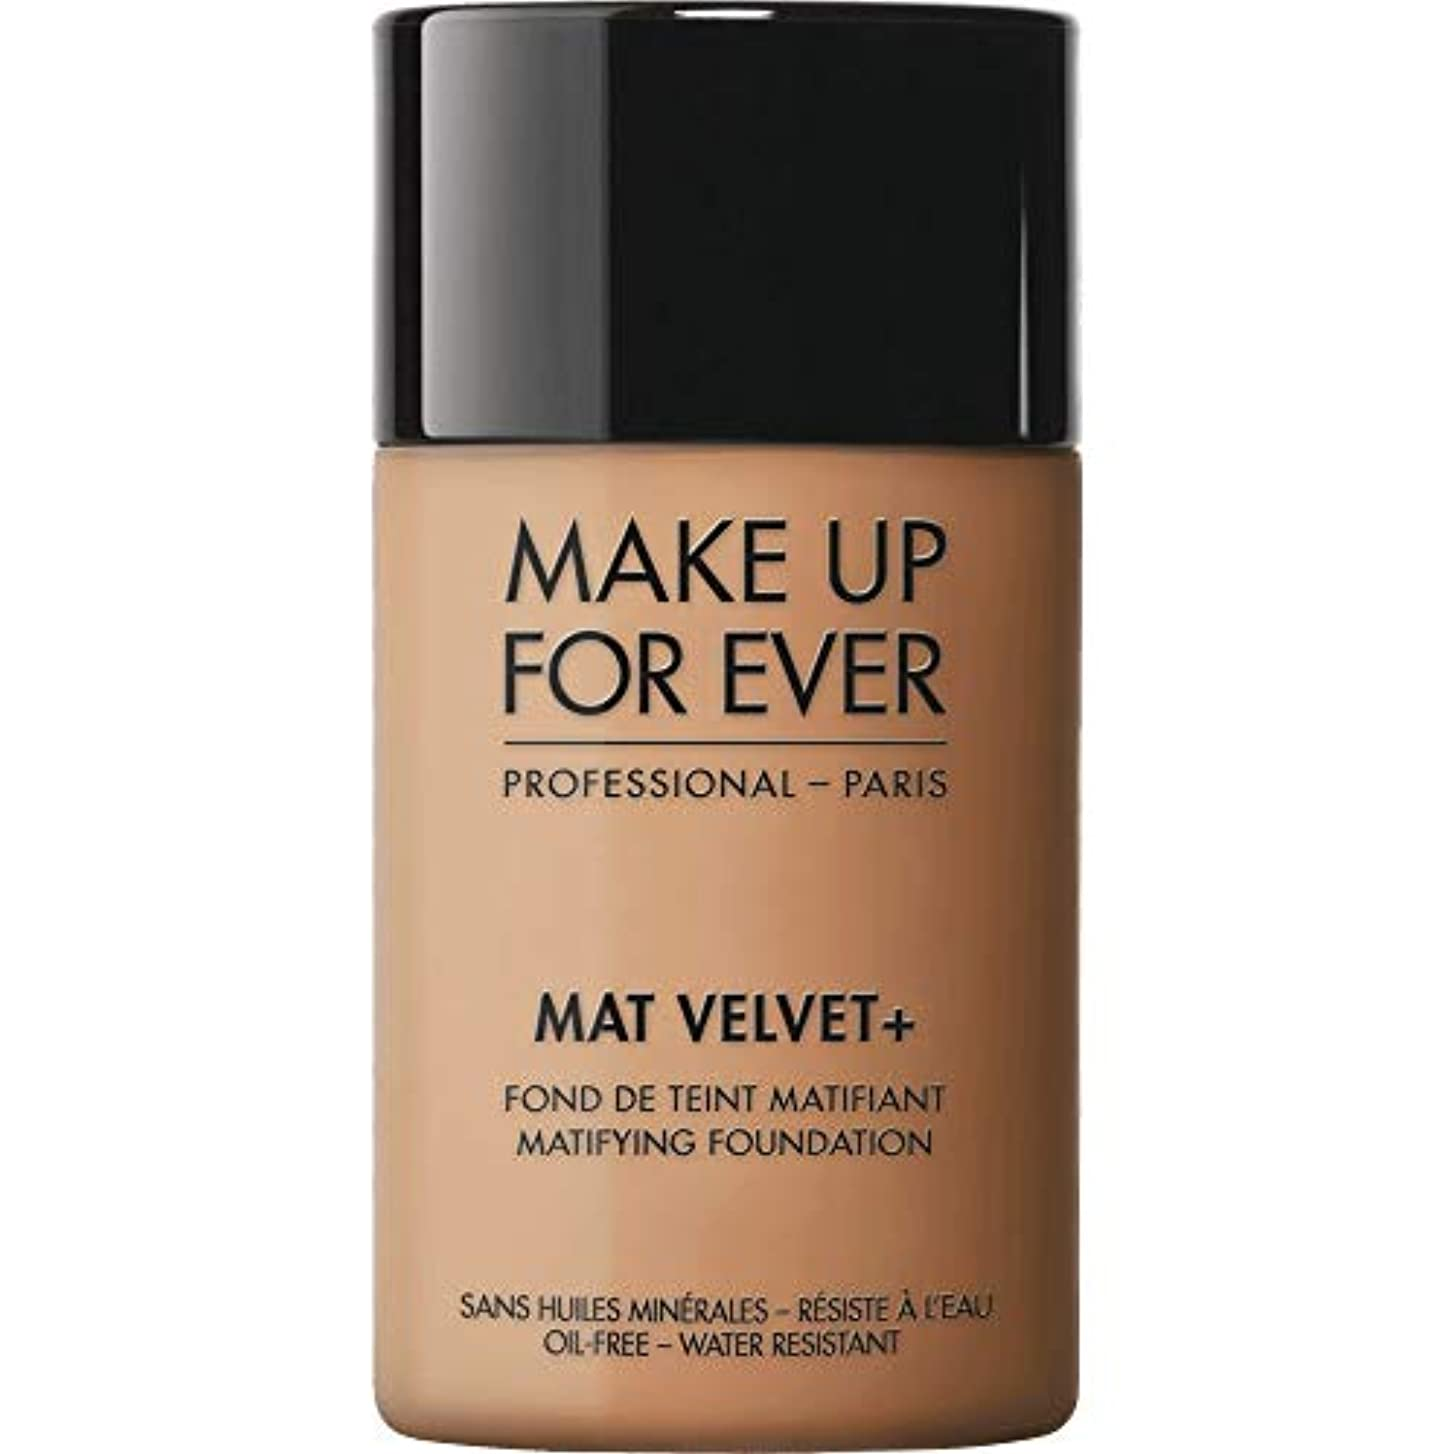 複雑な状態着る[MAKE UP FOR EVER ] 暖かい琥珀 - これまでマットベルベット+マティファイングの基礎30ミリリットル67を補います - MAKE UP FOR EVER Mat Velvet+ Matifying Foundation...